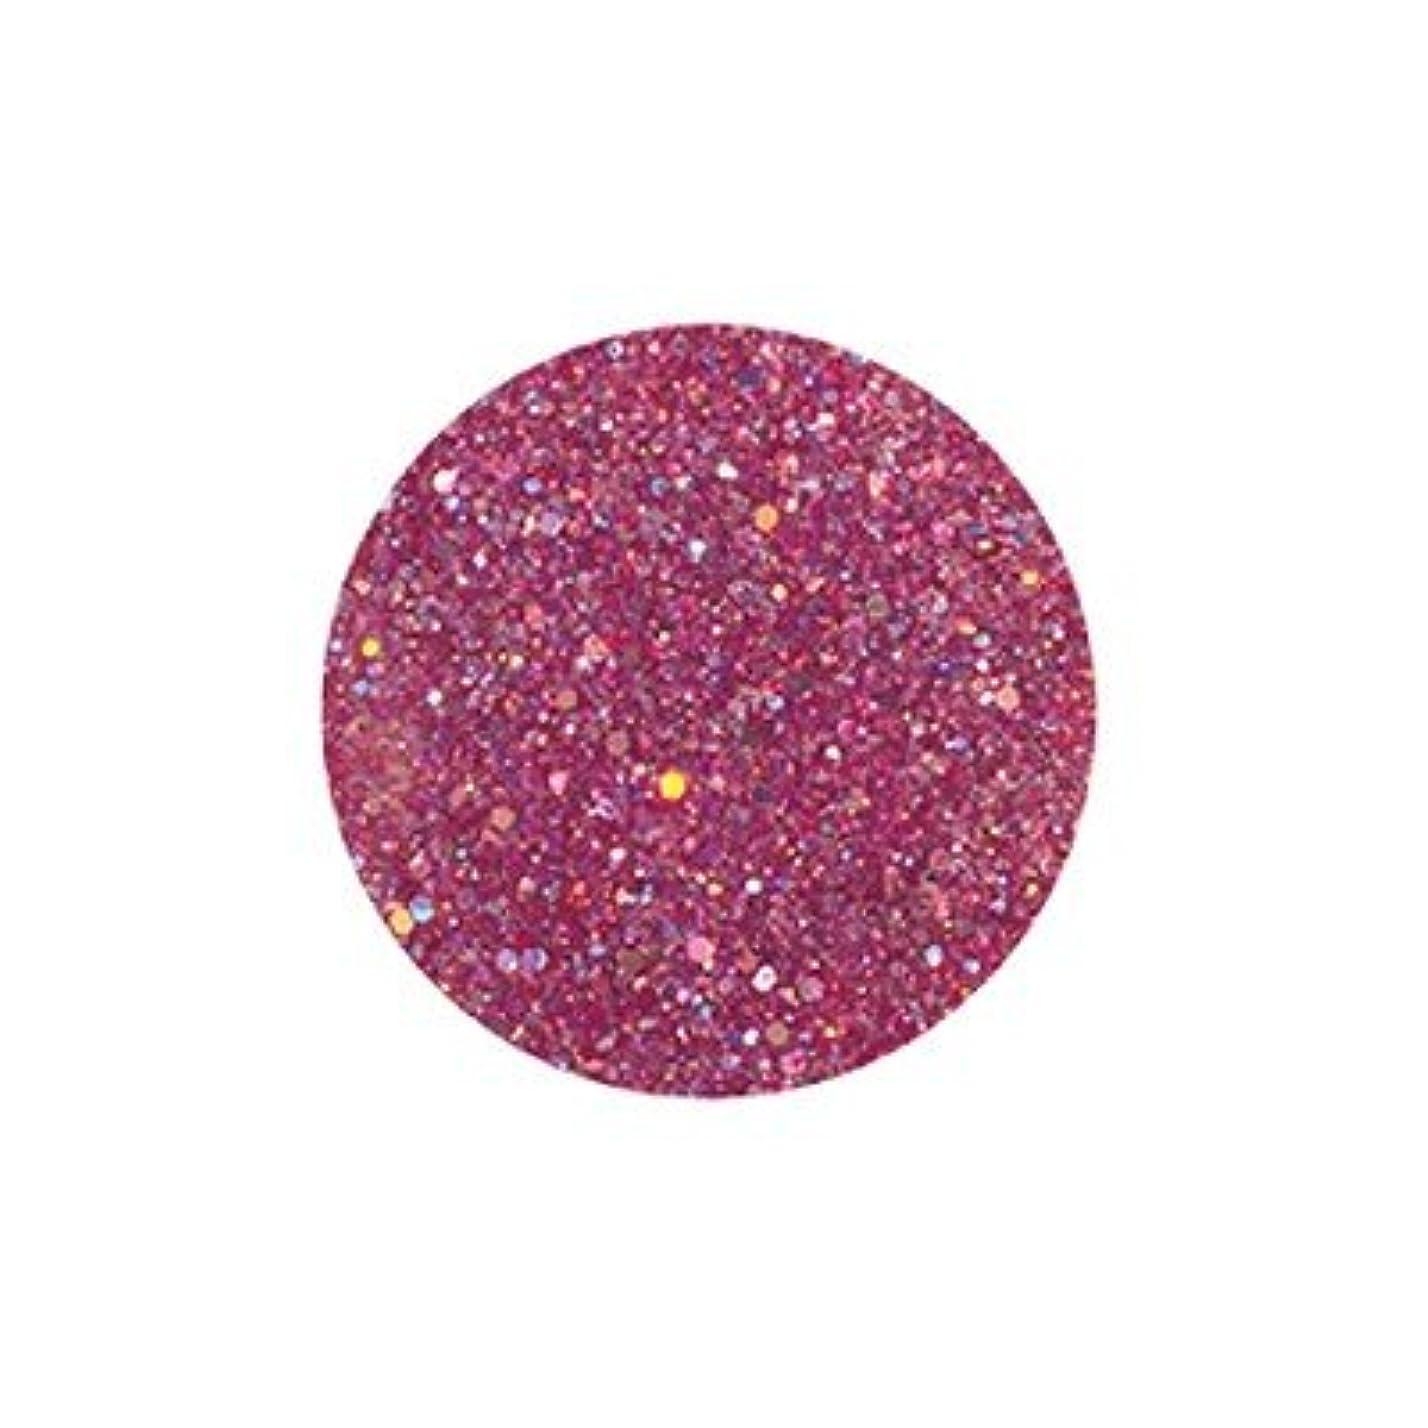 イソギンチャク霧深い立場FANTASY NAIL ダイヤモンドコレクション 3g 4259XS カラーパウダー アート材